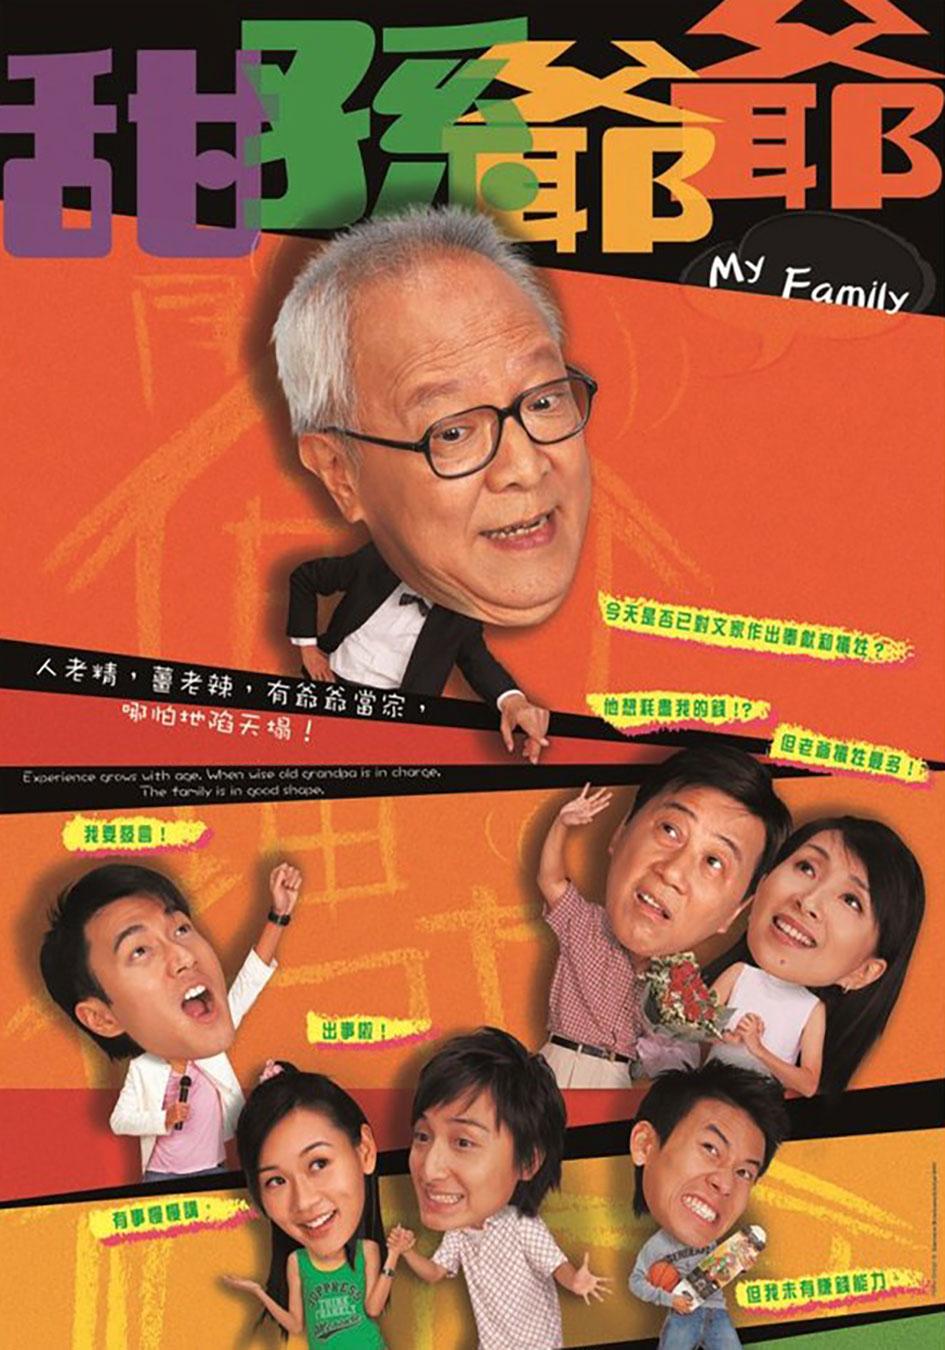 甜酸爺爺-My Family